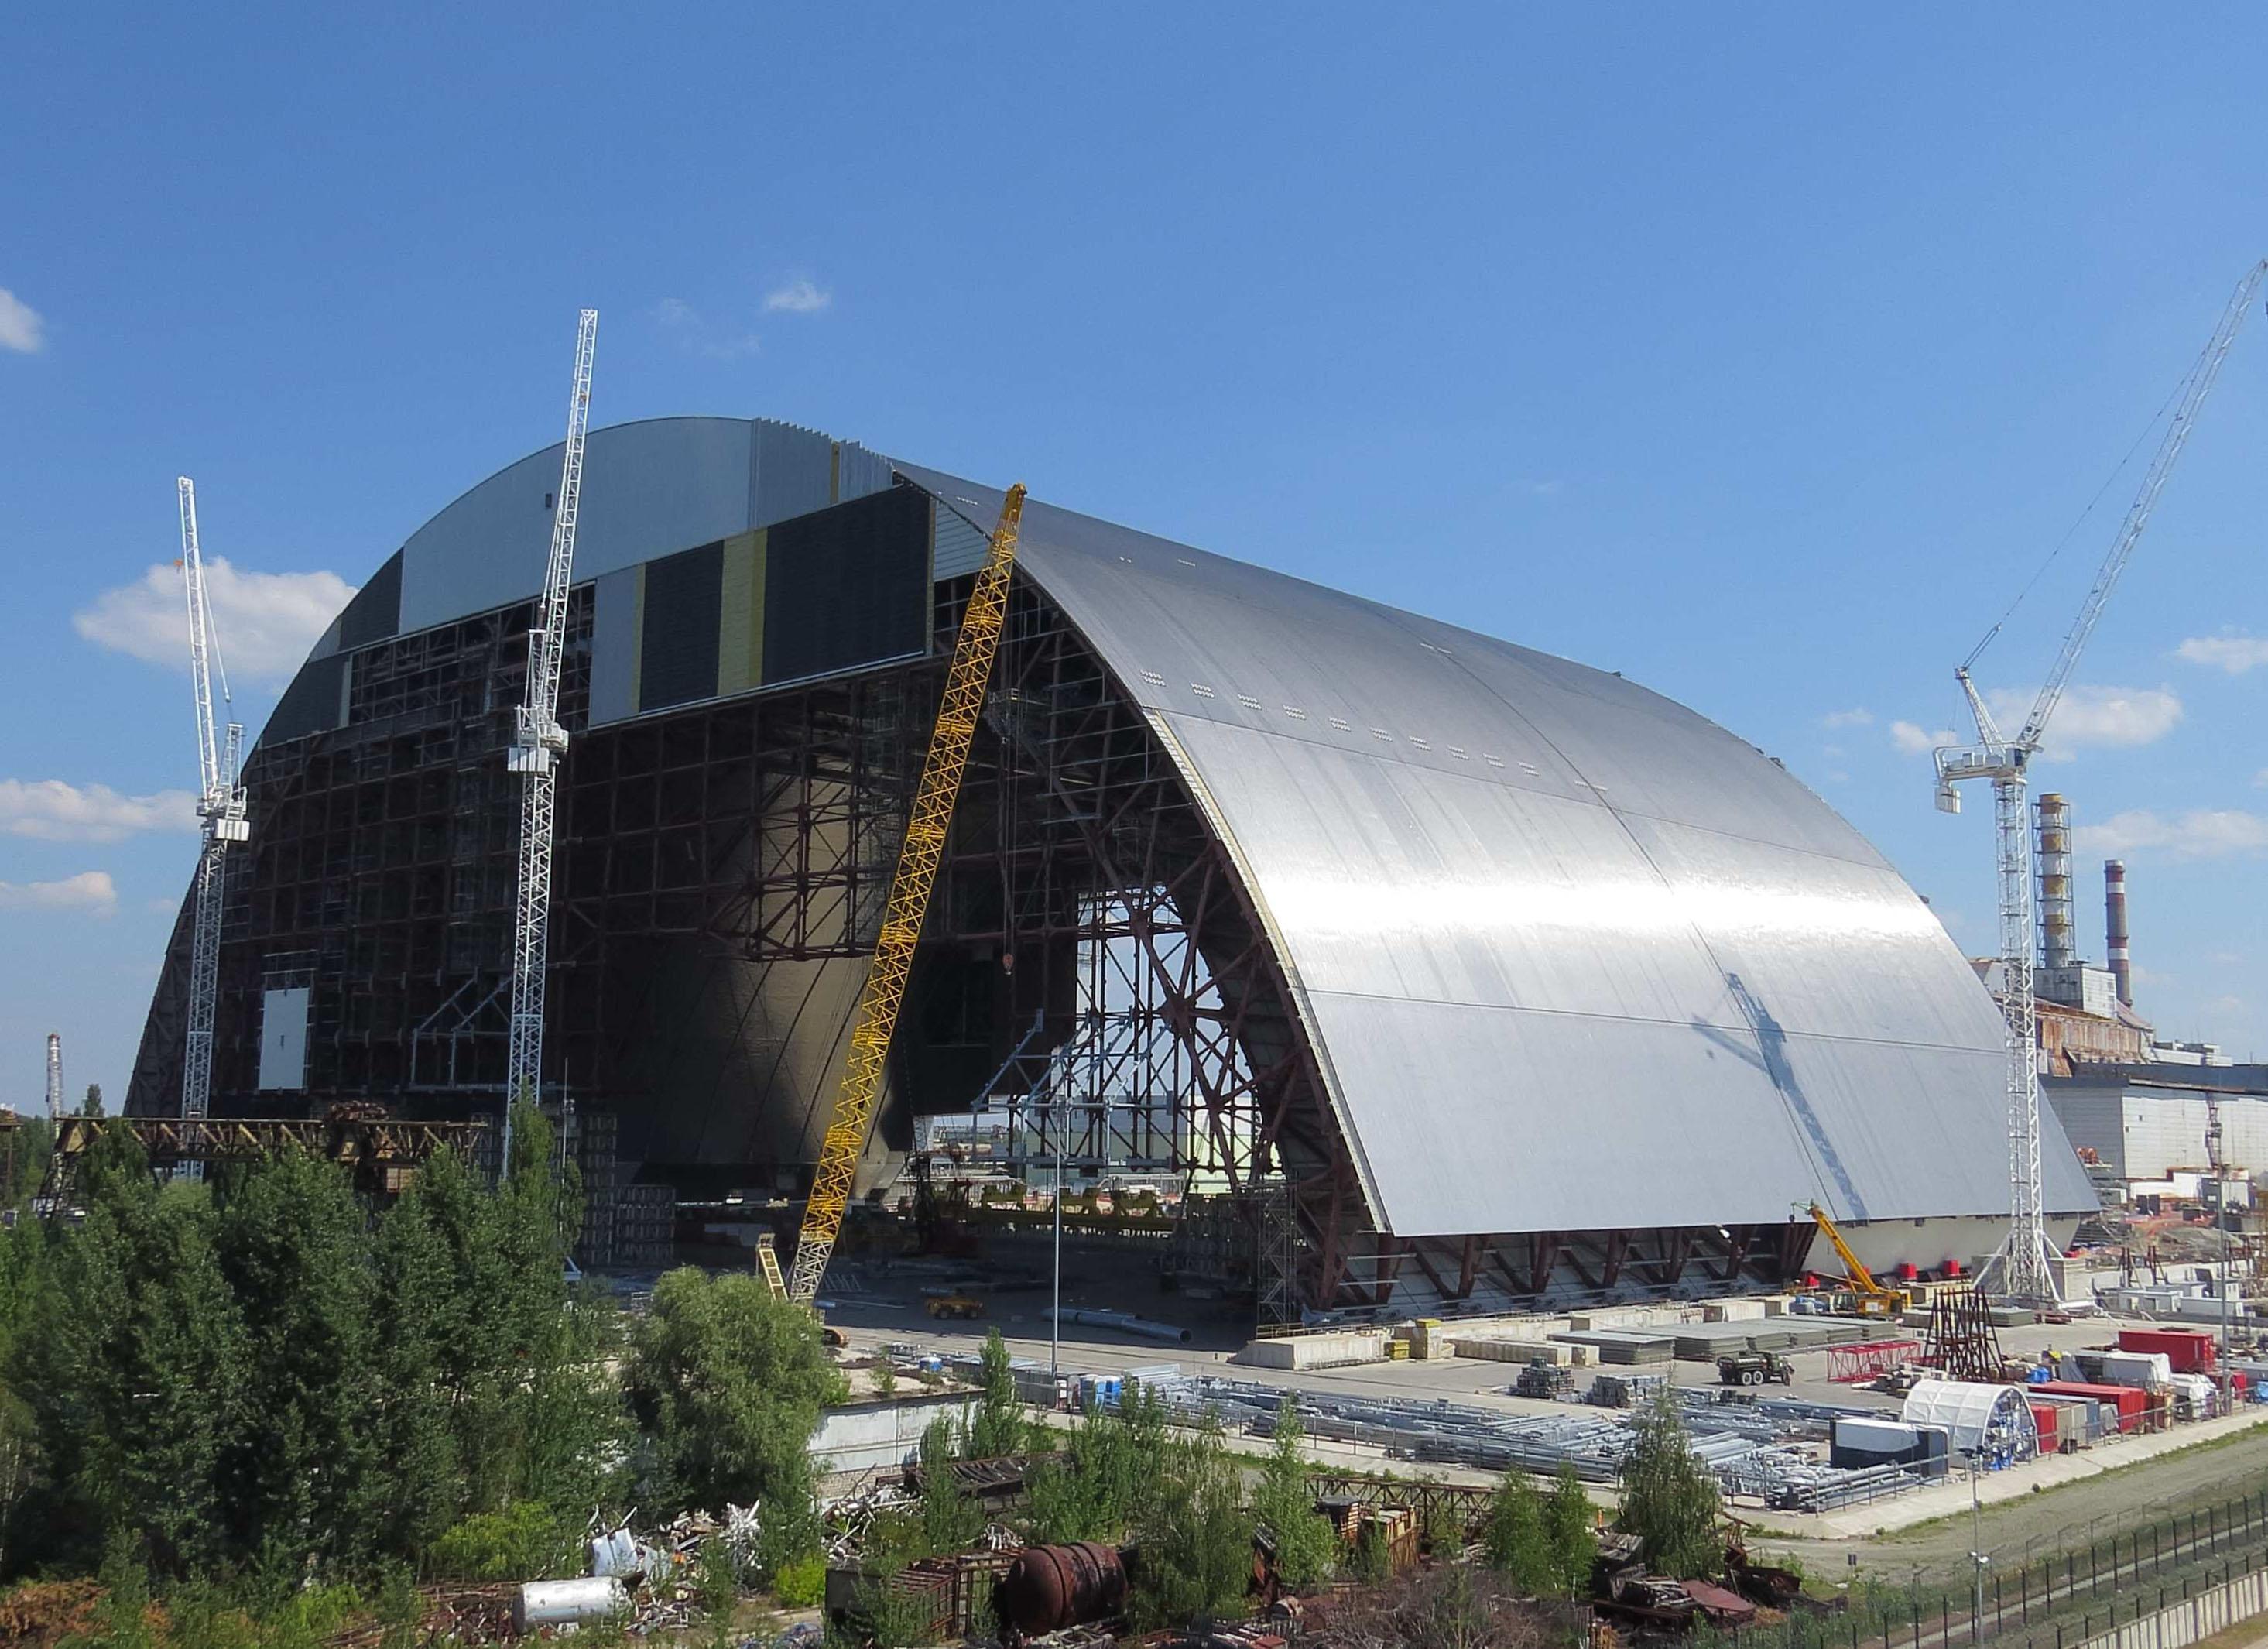 HDoboi.Kiev.ua - Саркофаг над 4-м энергоблоком ЧАЭС, Чернобыль зона отчуждения обои